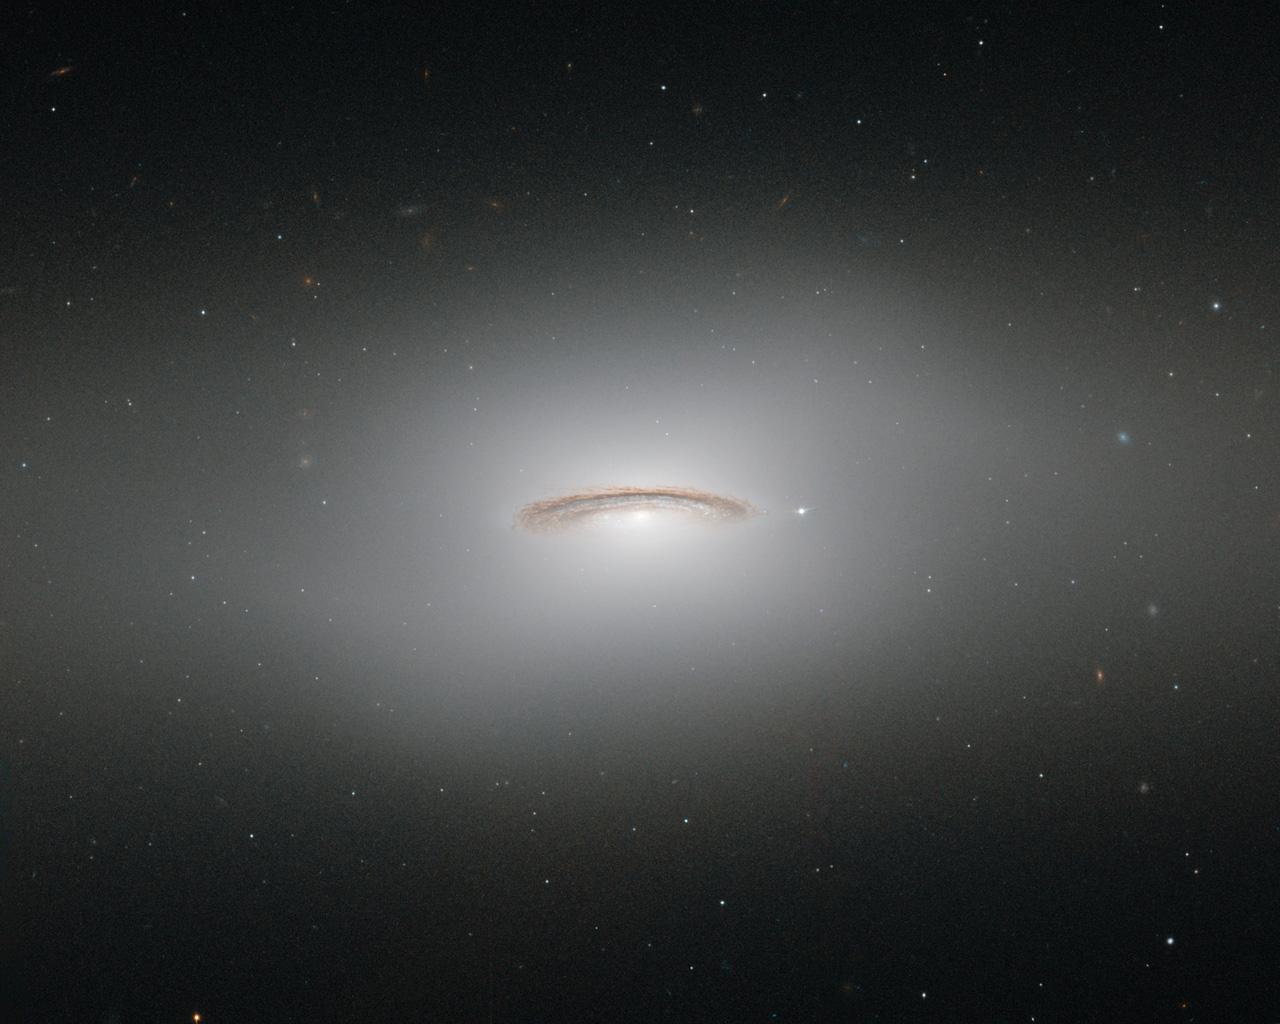 NGC 4526. Её мощное свечение создаёт иллюзию безмятежного острова в тёмном океане Вселенной. Это одна из самых ярких линзовидных галактик! Однако красота бывает обманчива: в её центре находится огромная чёрная дыра, массой в 400 миллионов наших Солнц. А ещё в ней мы наблюдали два известных случая взрывов сверхновых — в 1969 и 1994 годах.